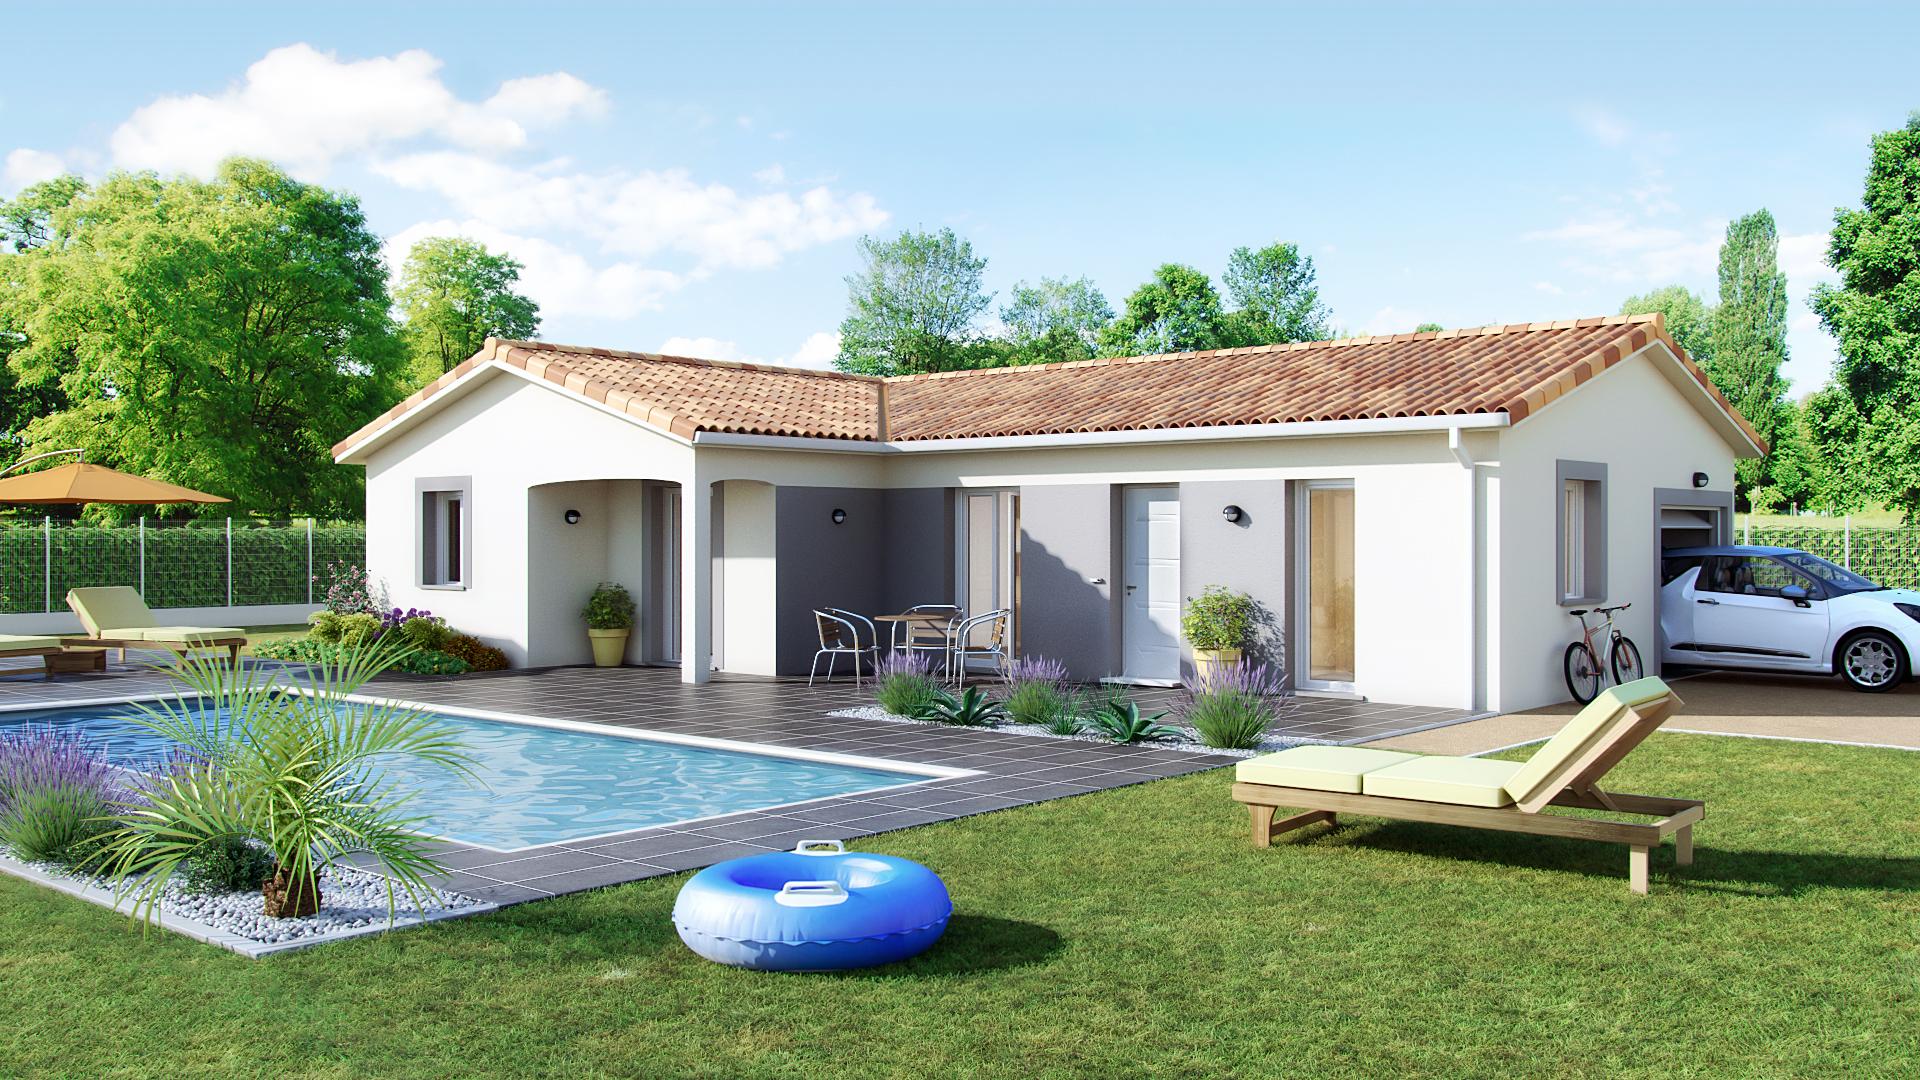 Annonce vente maison l 39 isle d 39 abeau 38080 90 m 235 for Vente maison l